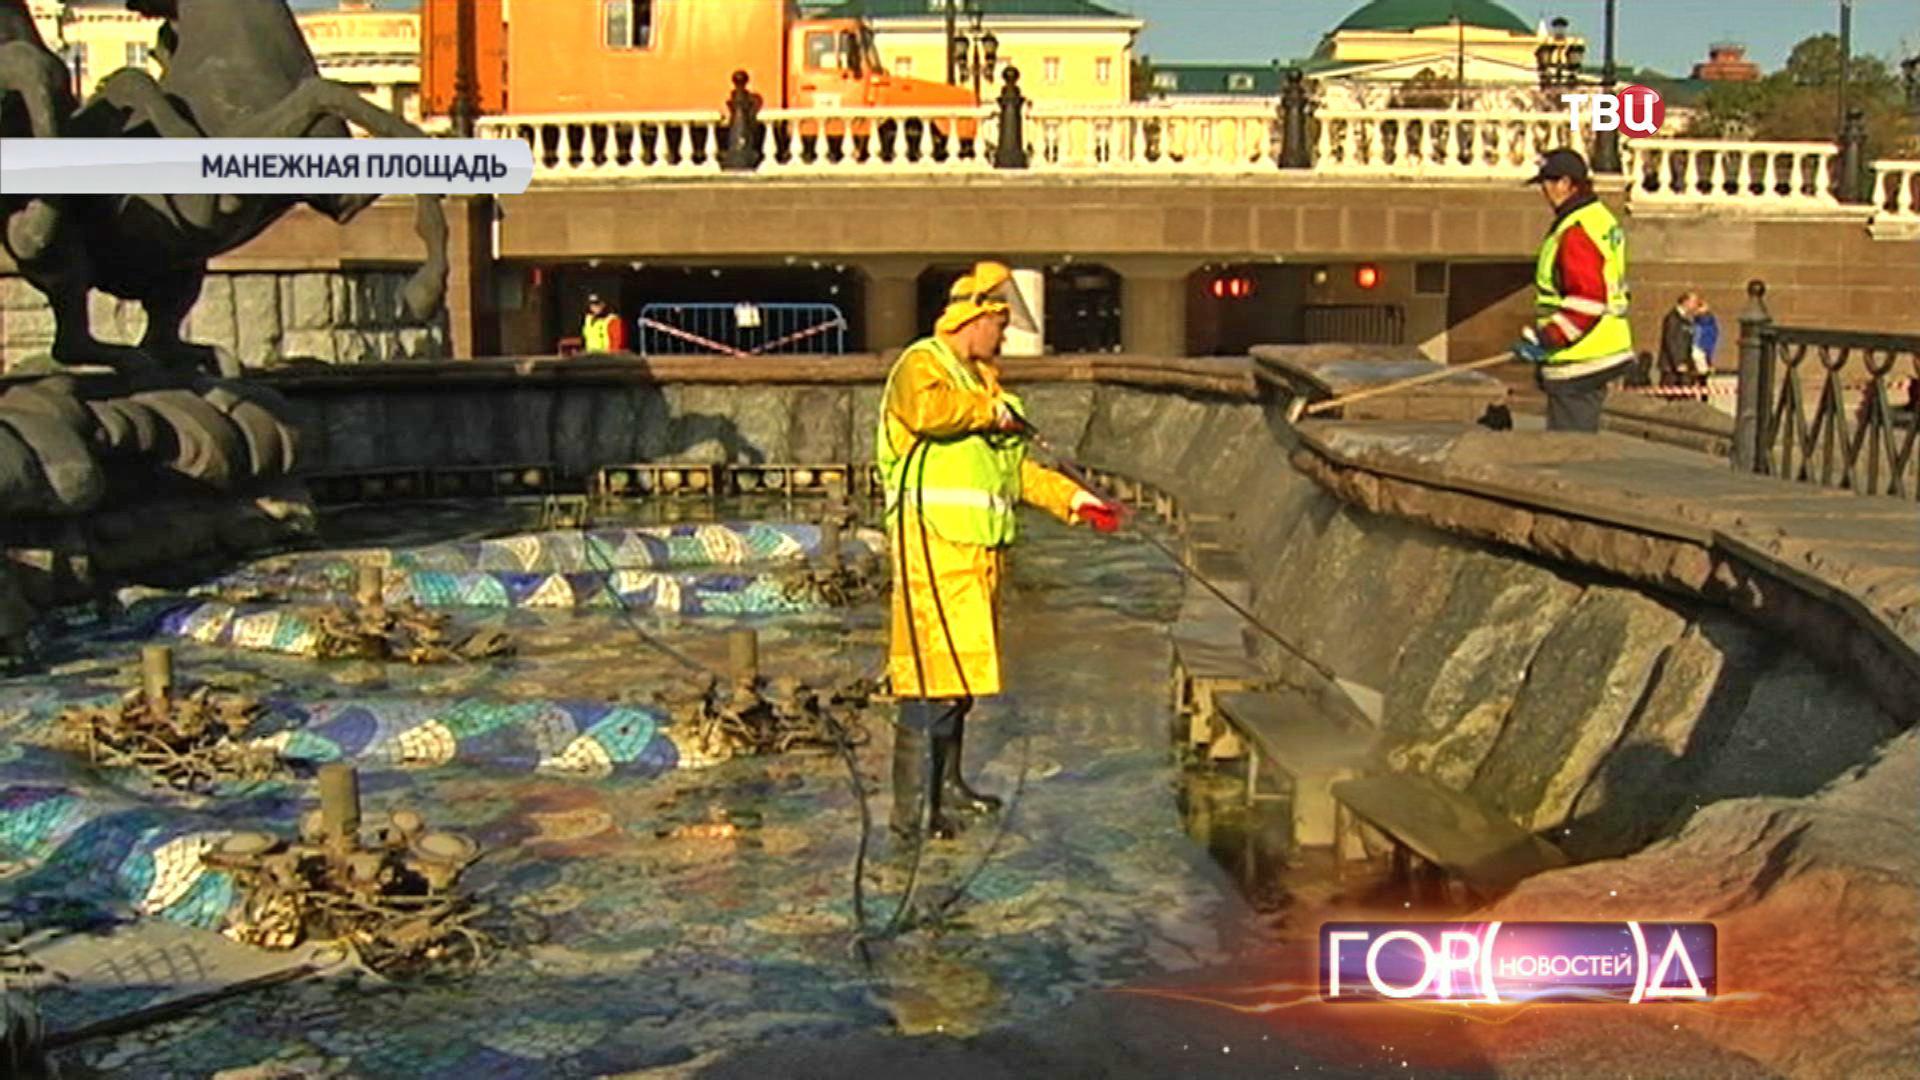 Сезон фонтанов в столице завершился из-за резкого похолодания